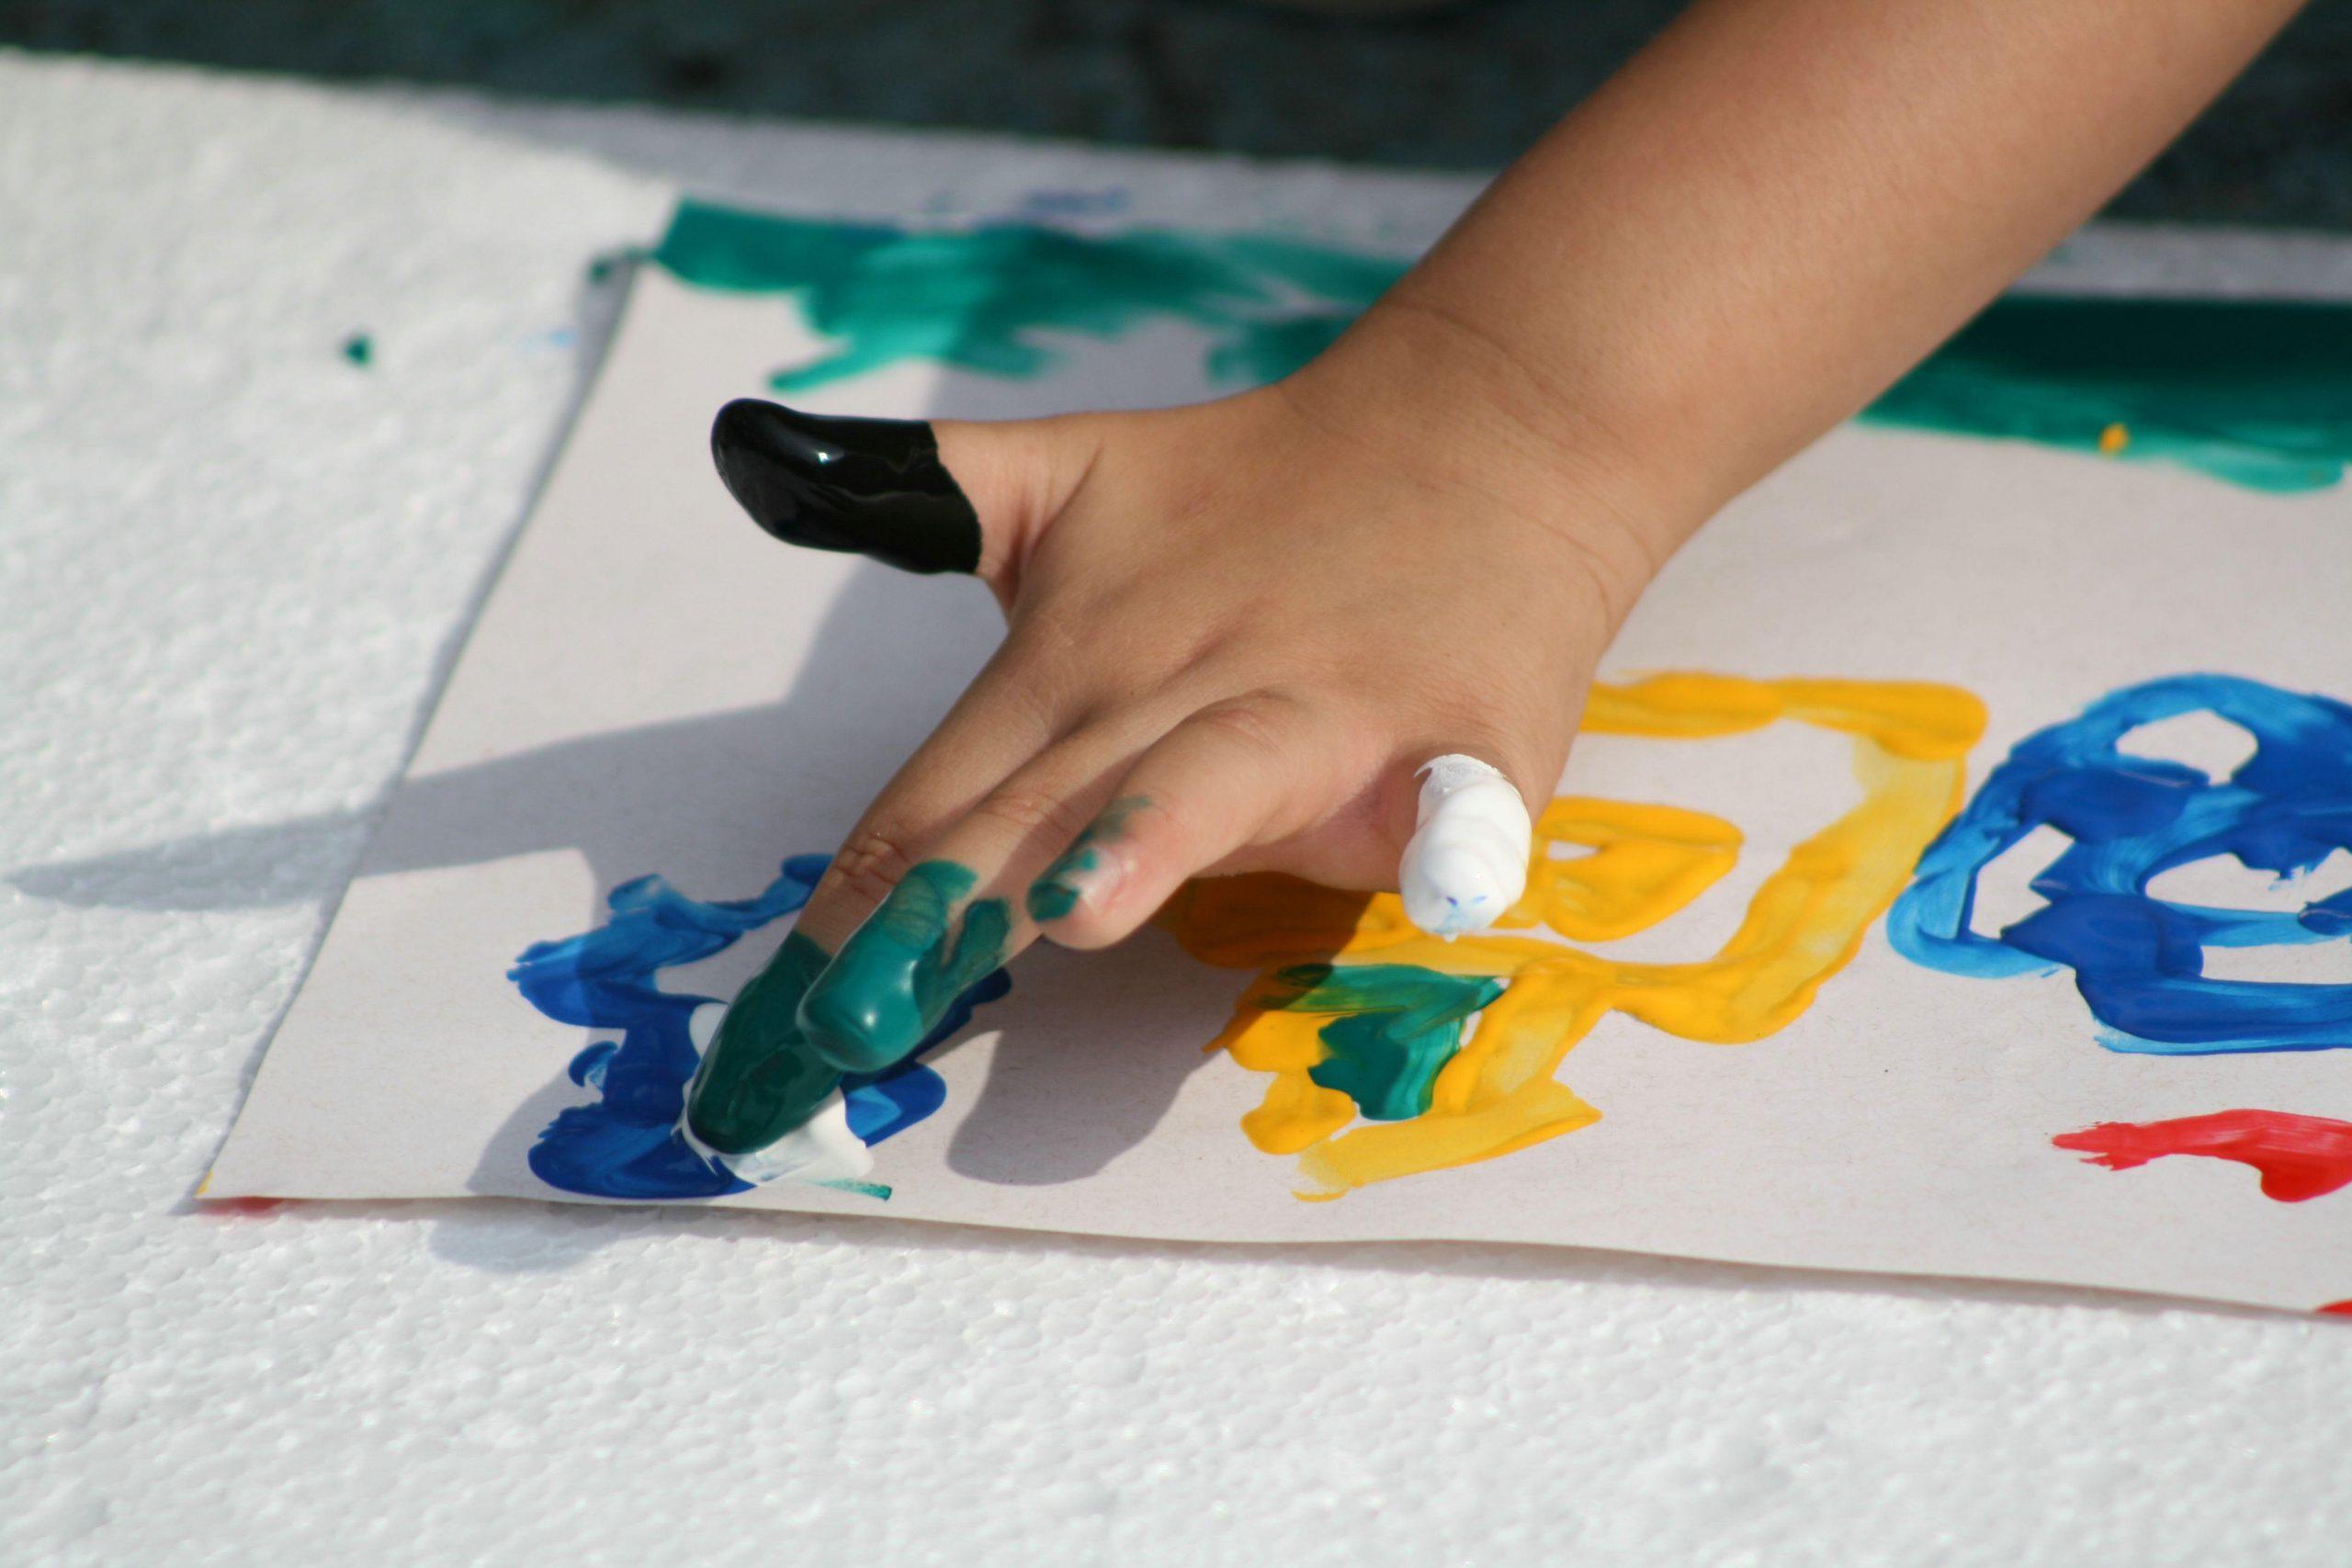 Le Top 10 Des Activités Manuelles Pour Les Enfants concernant Travaux Manuels Simples A Realiser